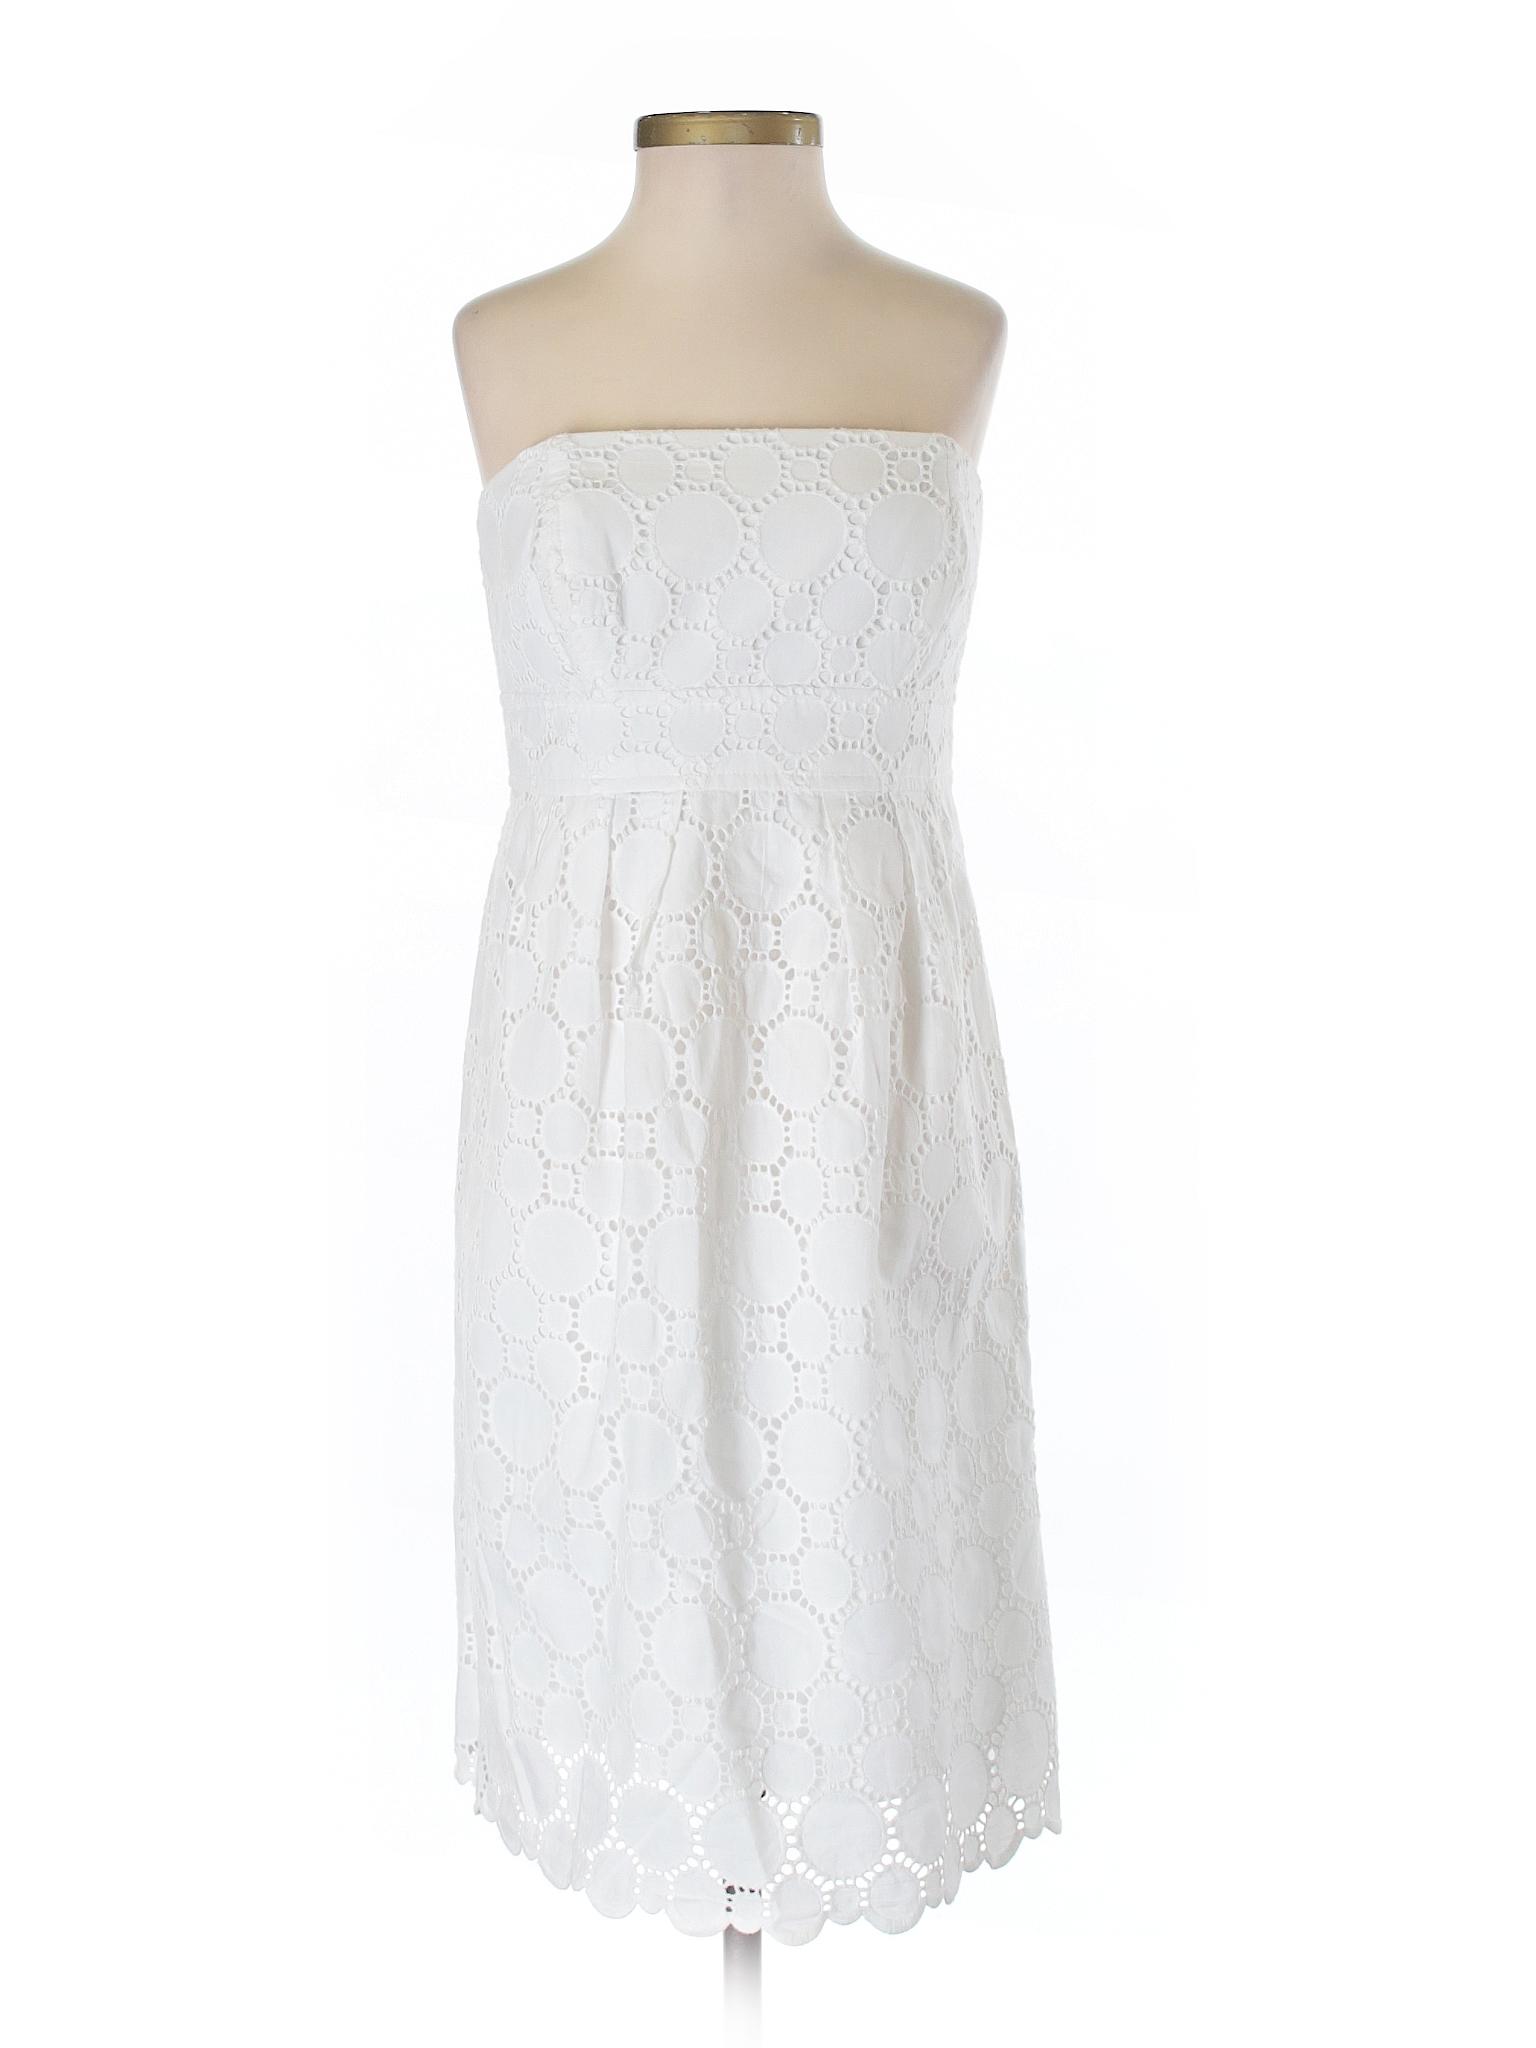 winter Shoshanna Boutique Boutique Boutique Casual winter Casual Dress Shoshanna Shoshanna winter Dress Dress Casual vwrPvZq